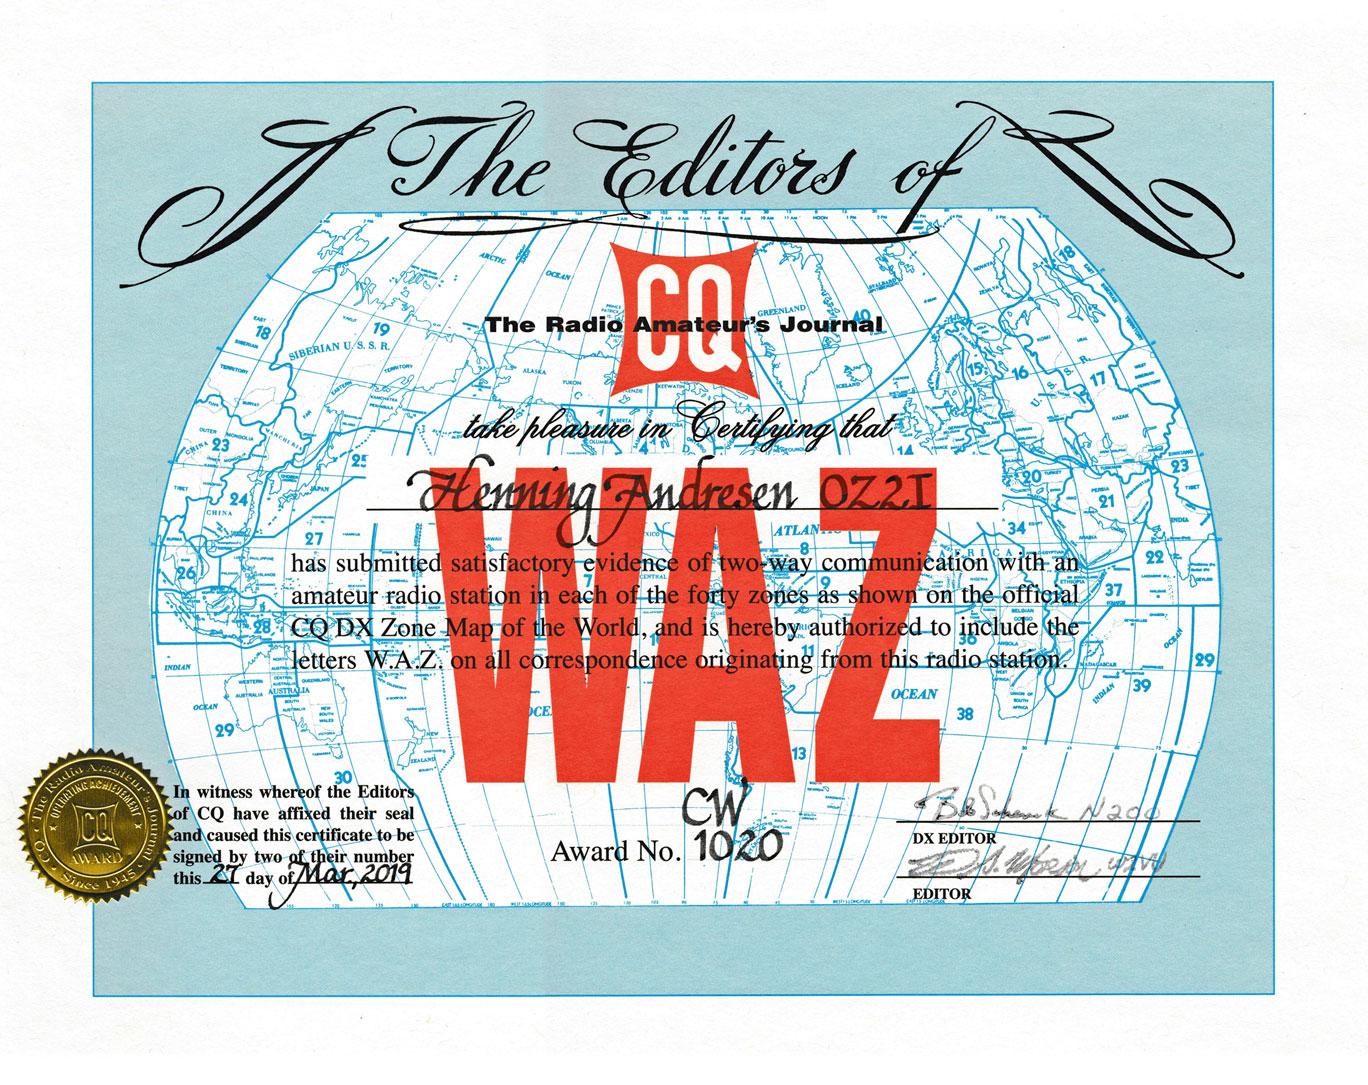 WAZ CW Award #1020